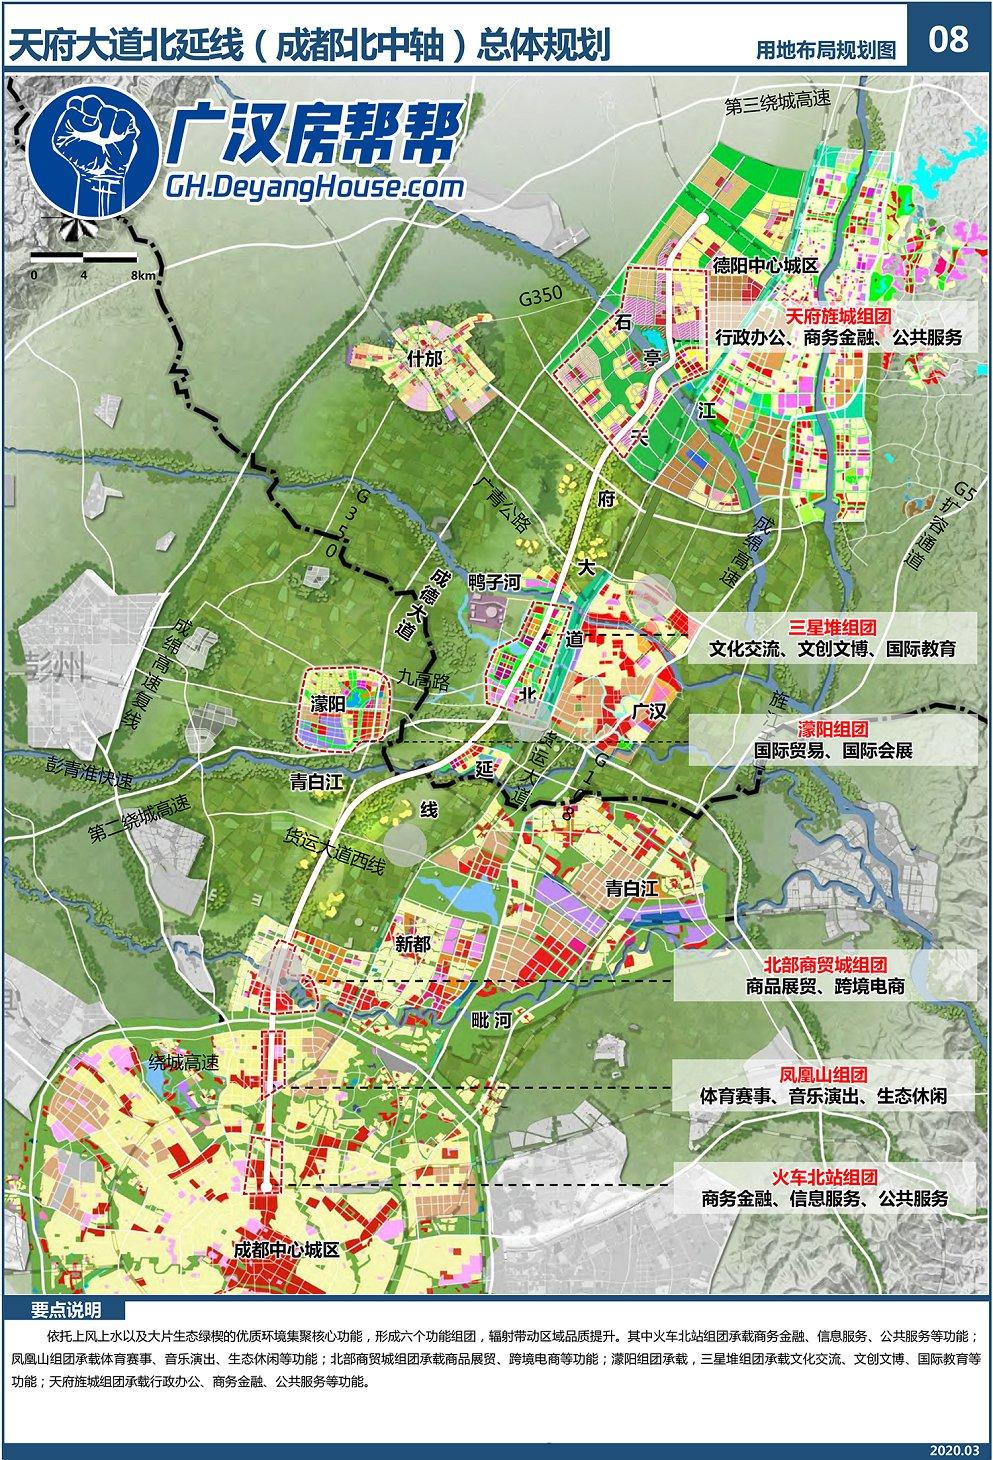 天府大道北中轴德阳段总体规划研究图集-8.jpg